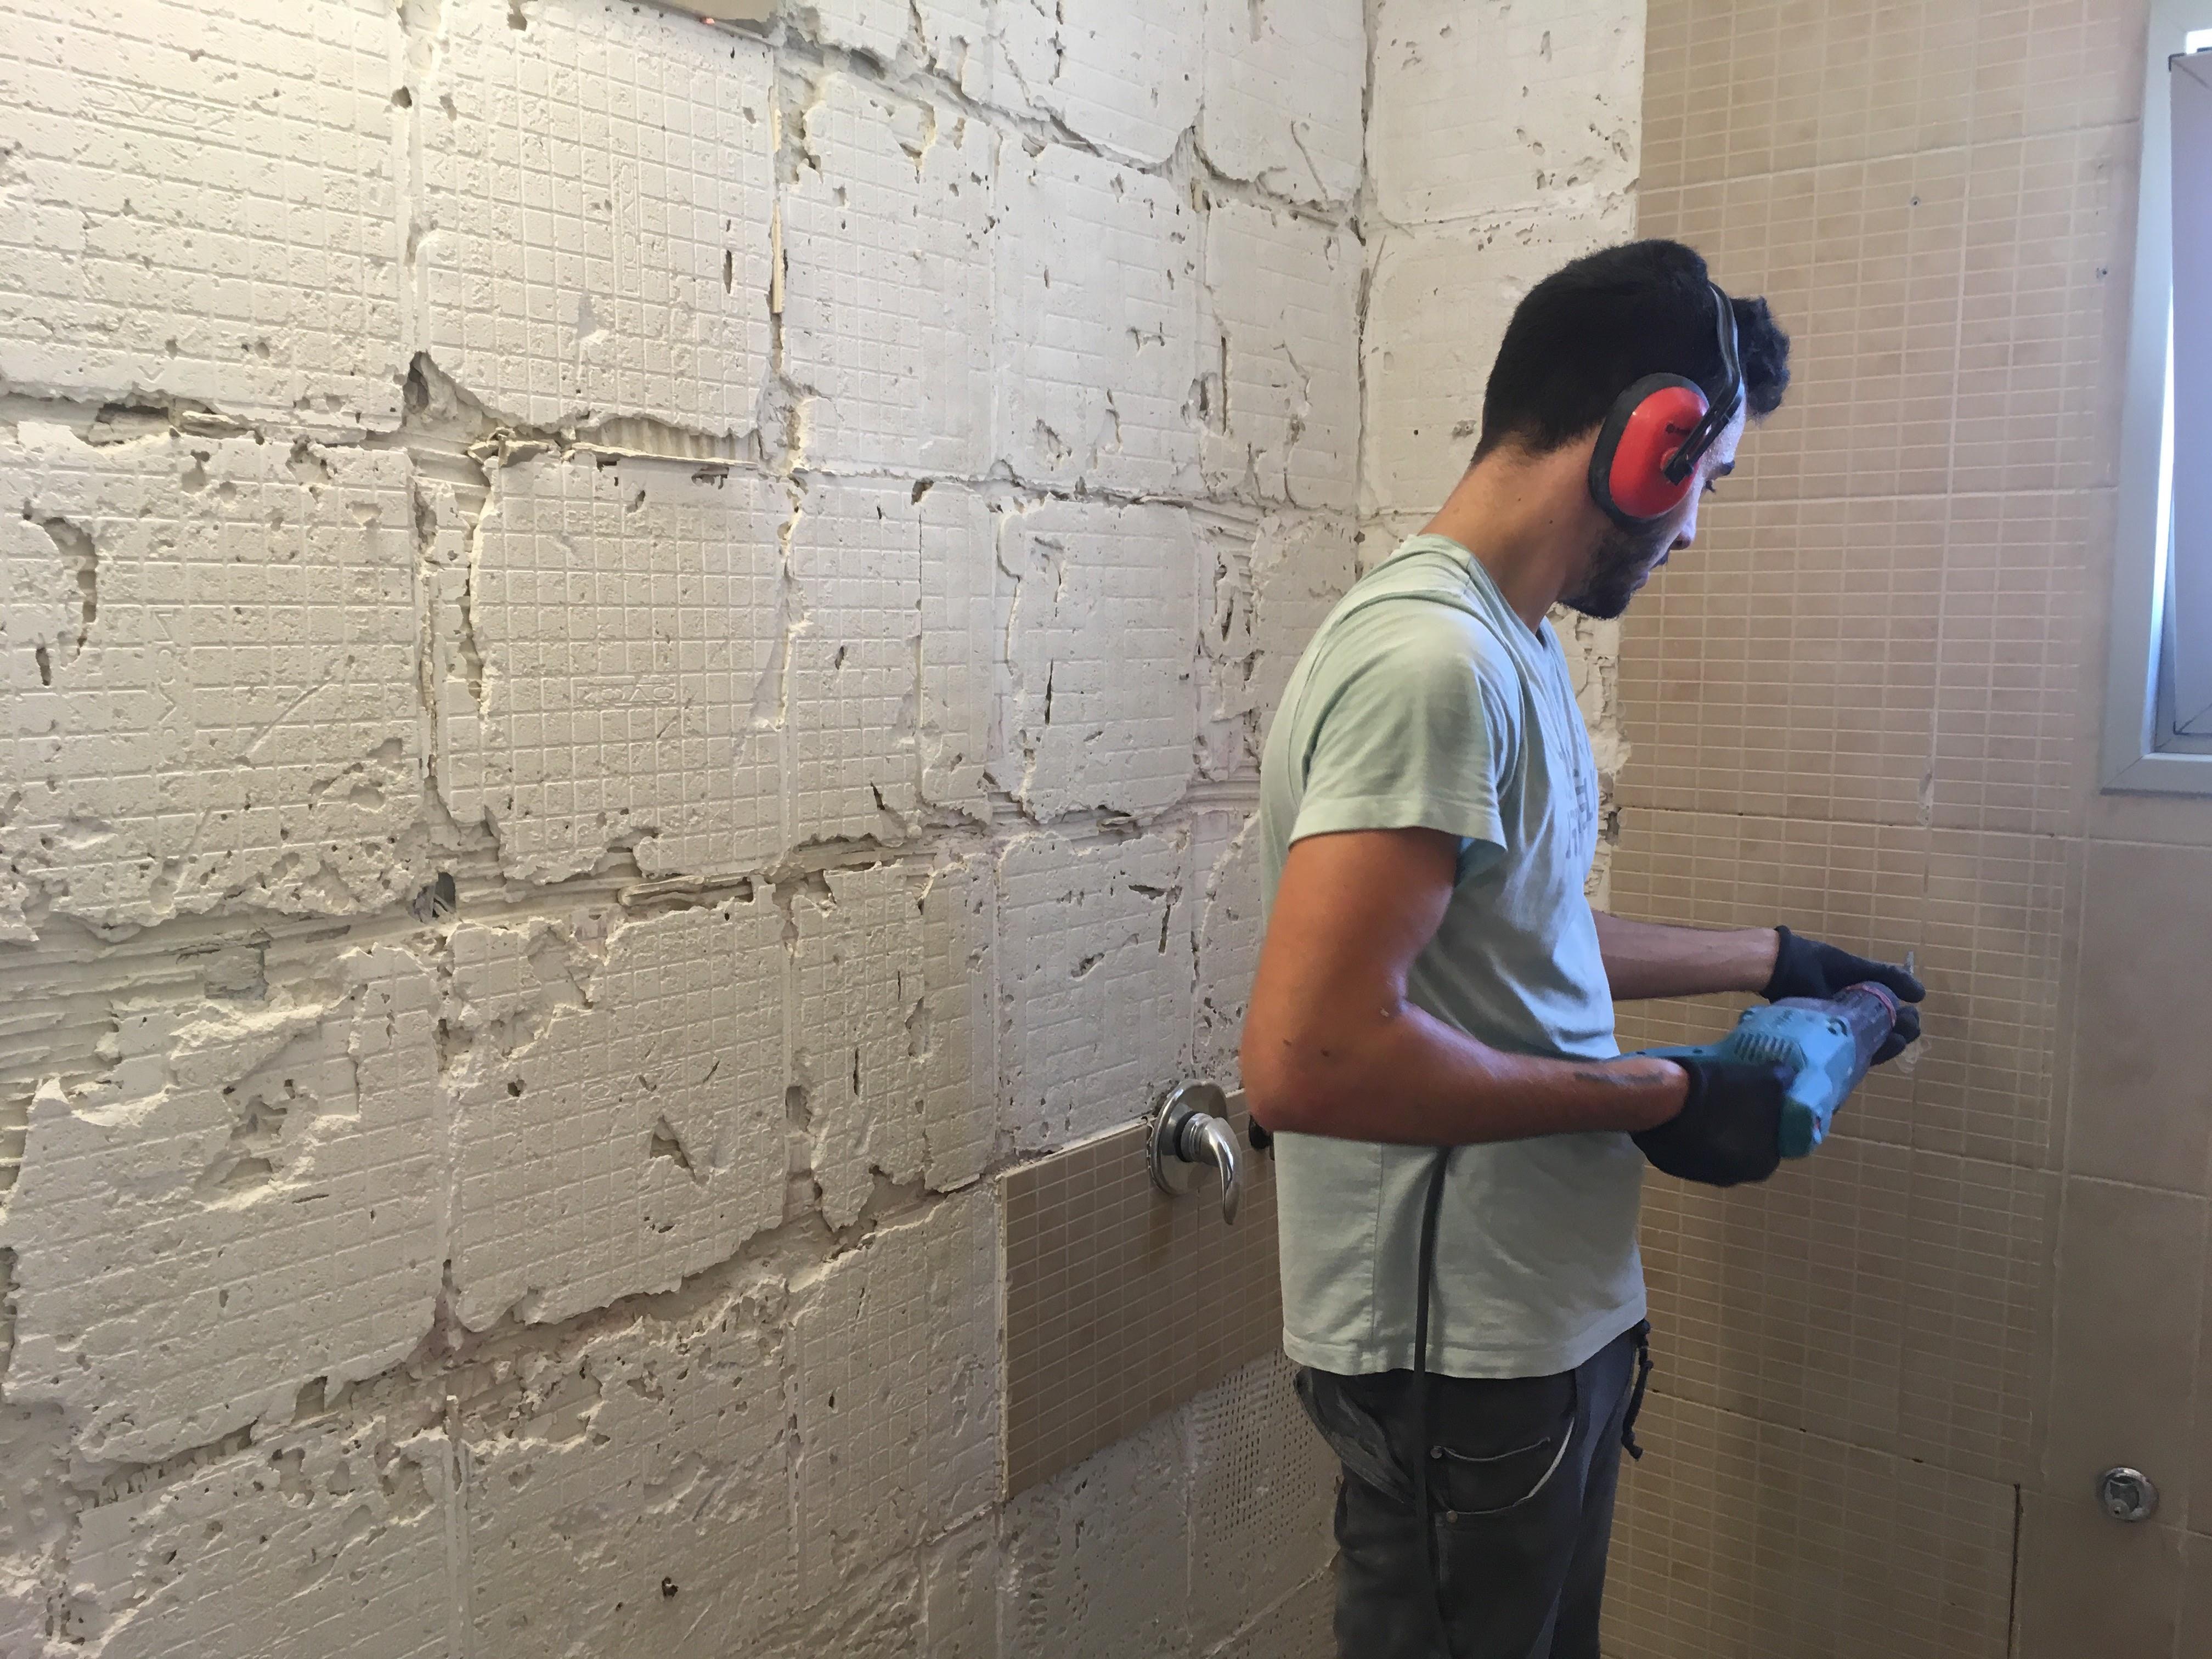 שיפוץ מקלחת בתהליך שיפוץ דירה קומפלט | מרב שדה - תכנון ועיצוב פנים